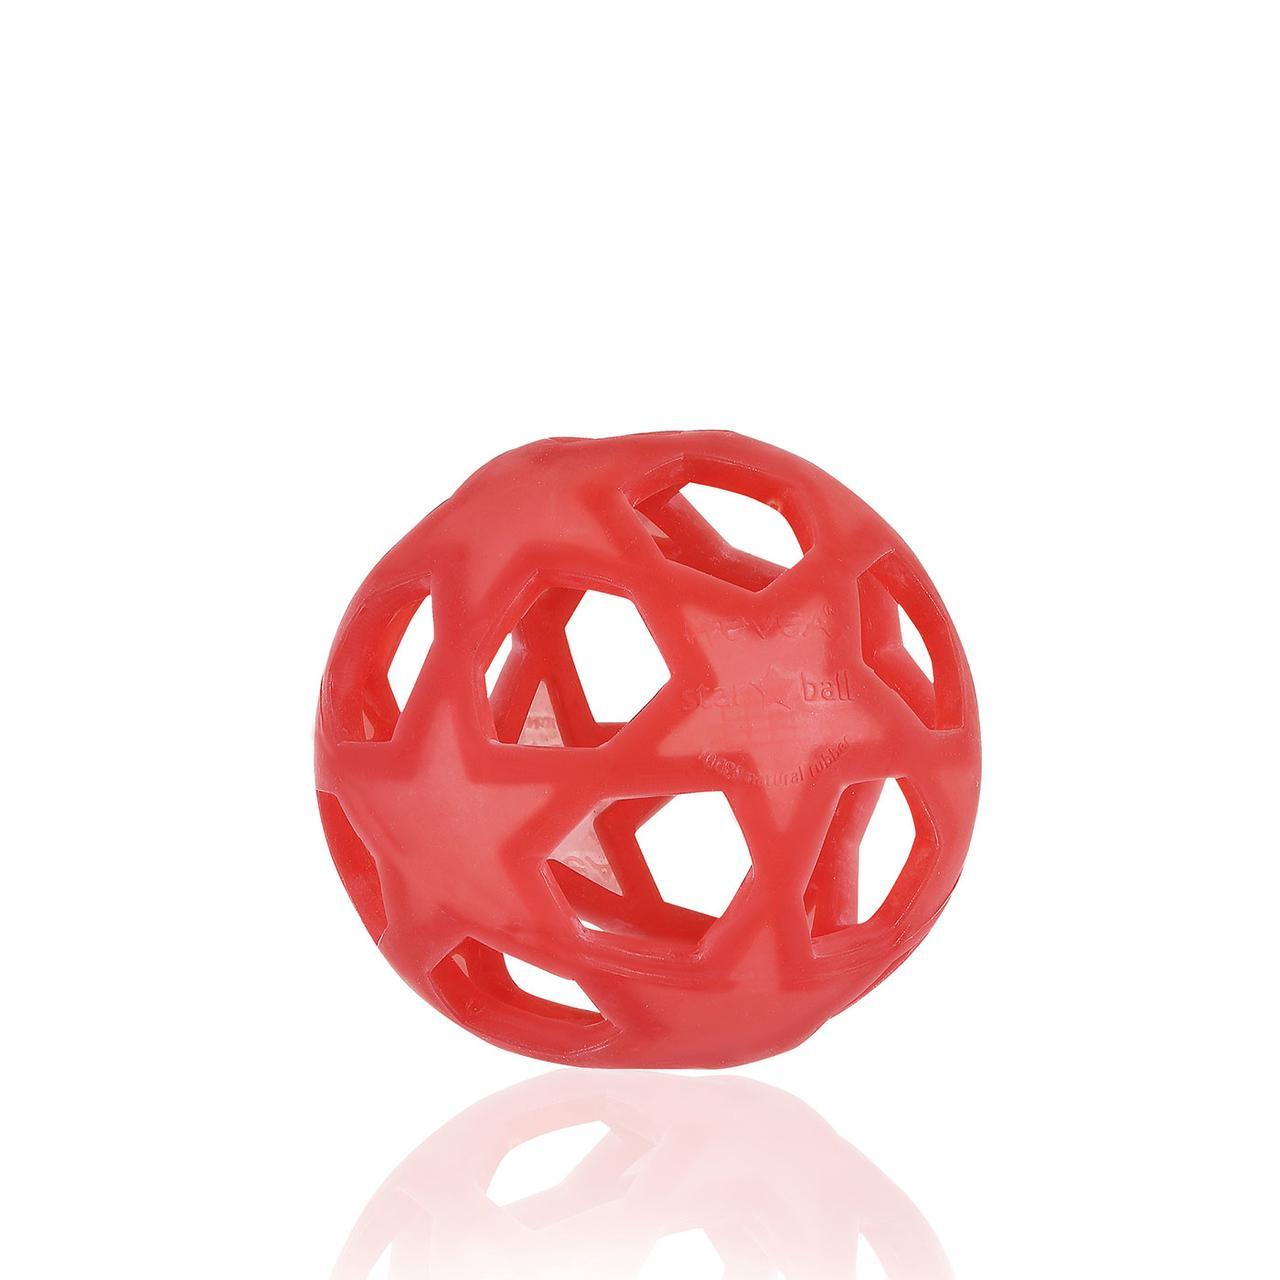 Игрушка-прорезыватель Звёздный Шар малиново-красный Hevea planet